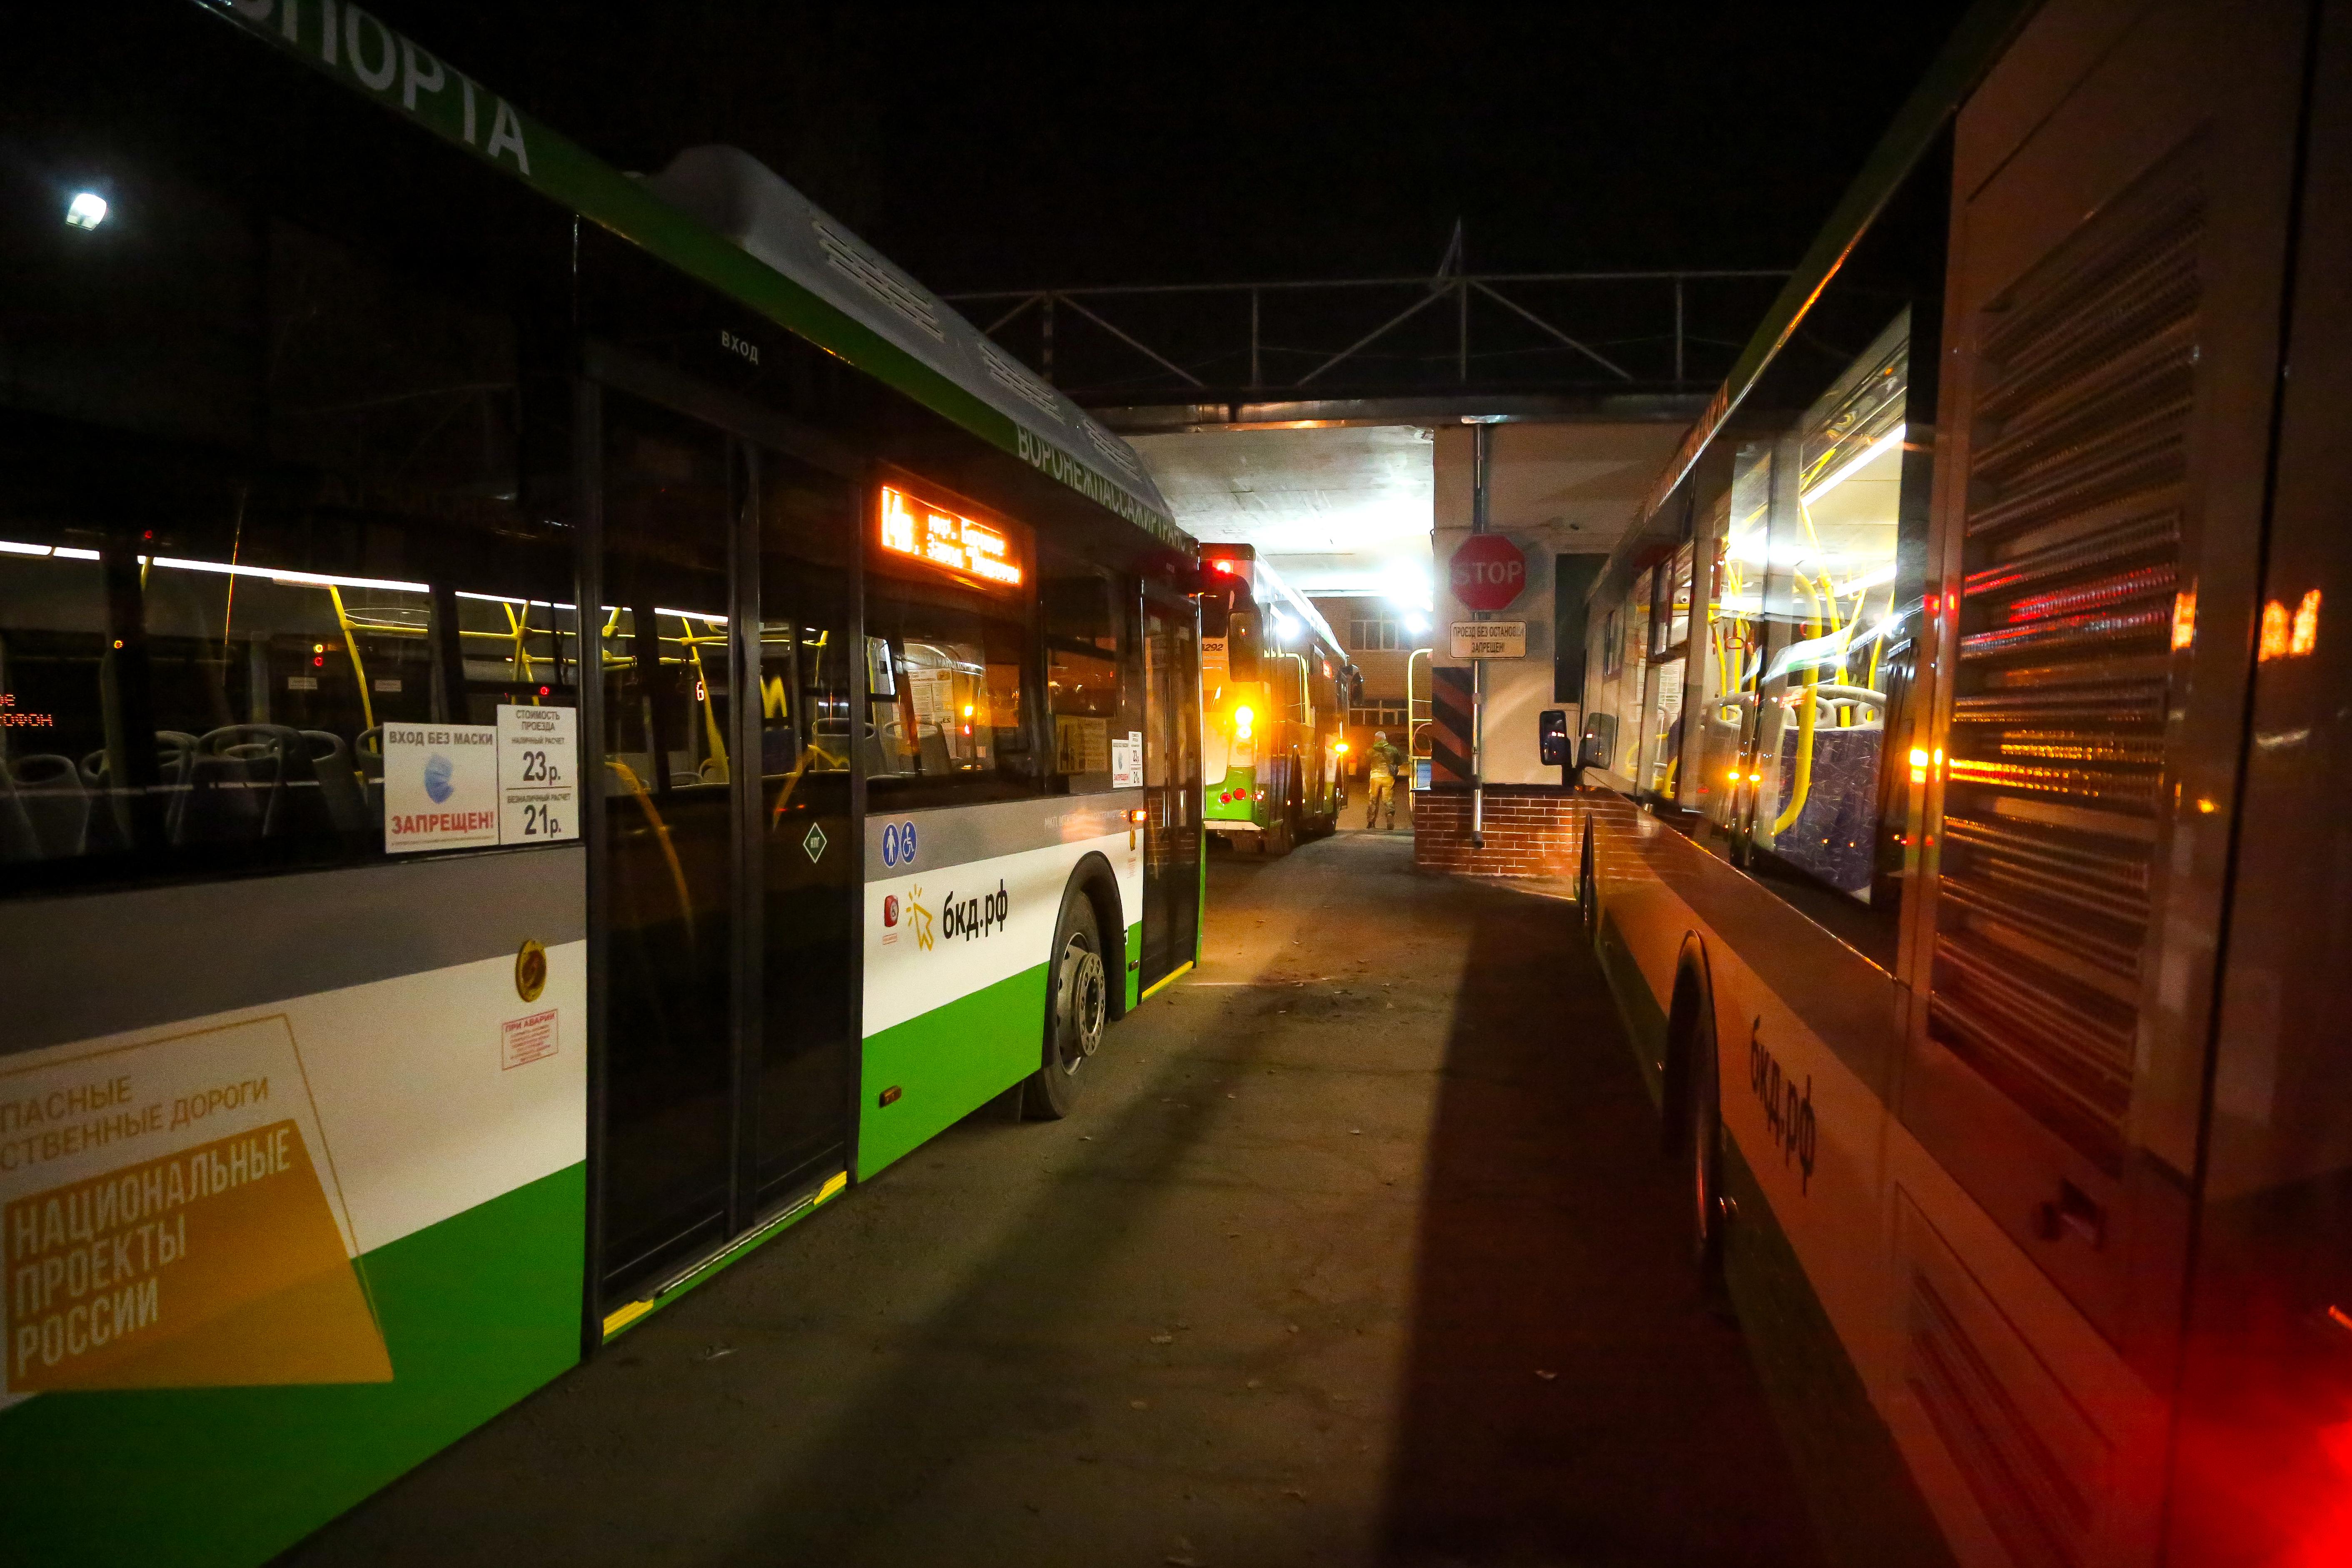 57 новых автобусов вышли на воронежские маршруты 1 декабря - фото 1